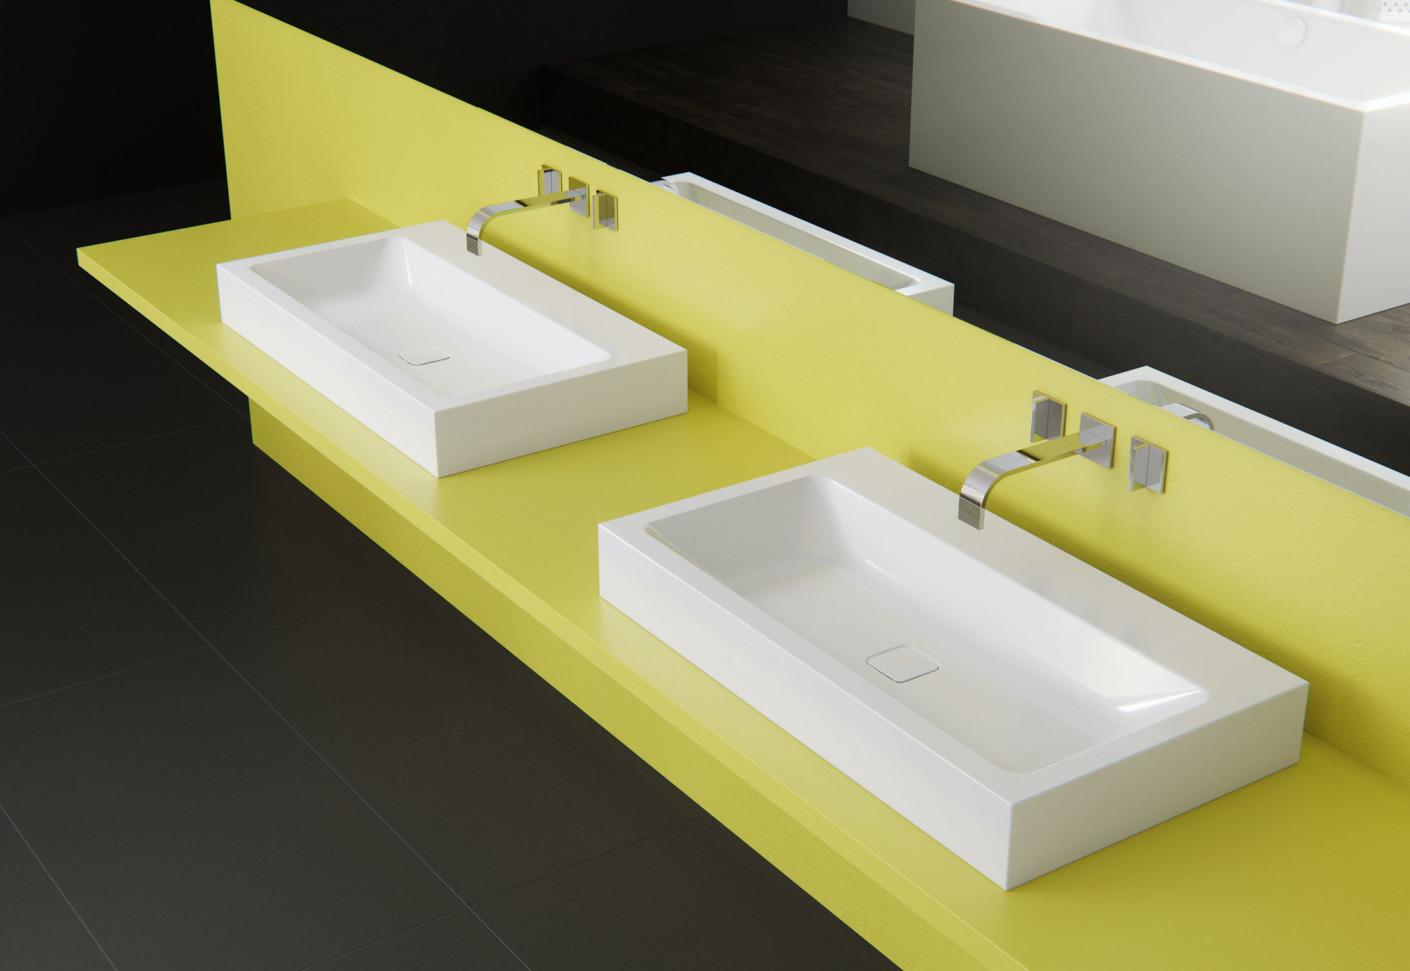 Cono aufbau waschbecken von kaldewei stylepark for Kaldewei waschbecken